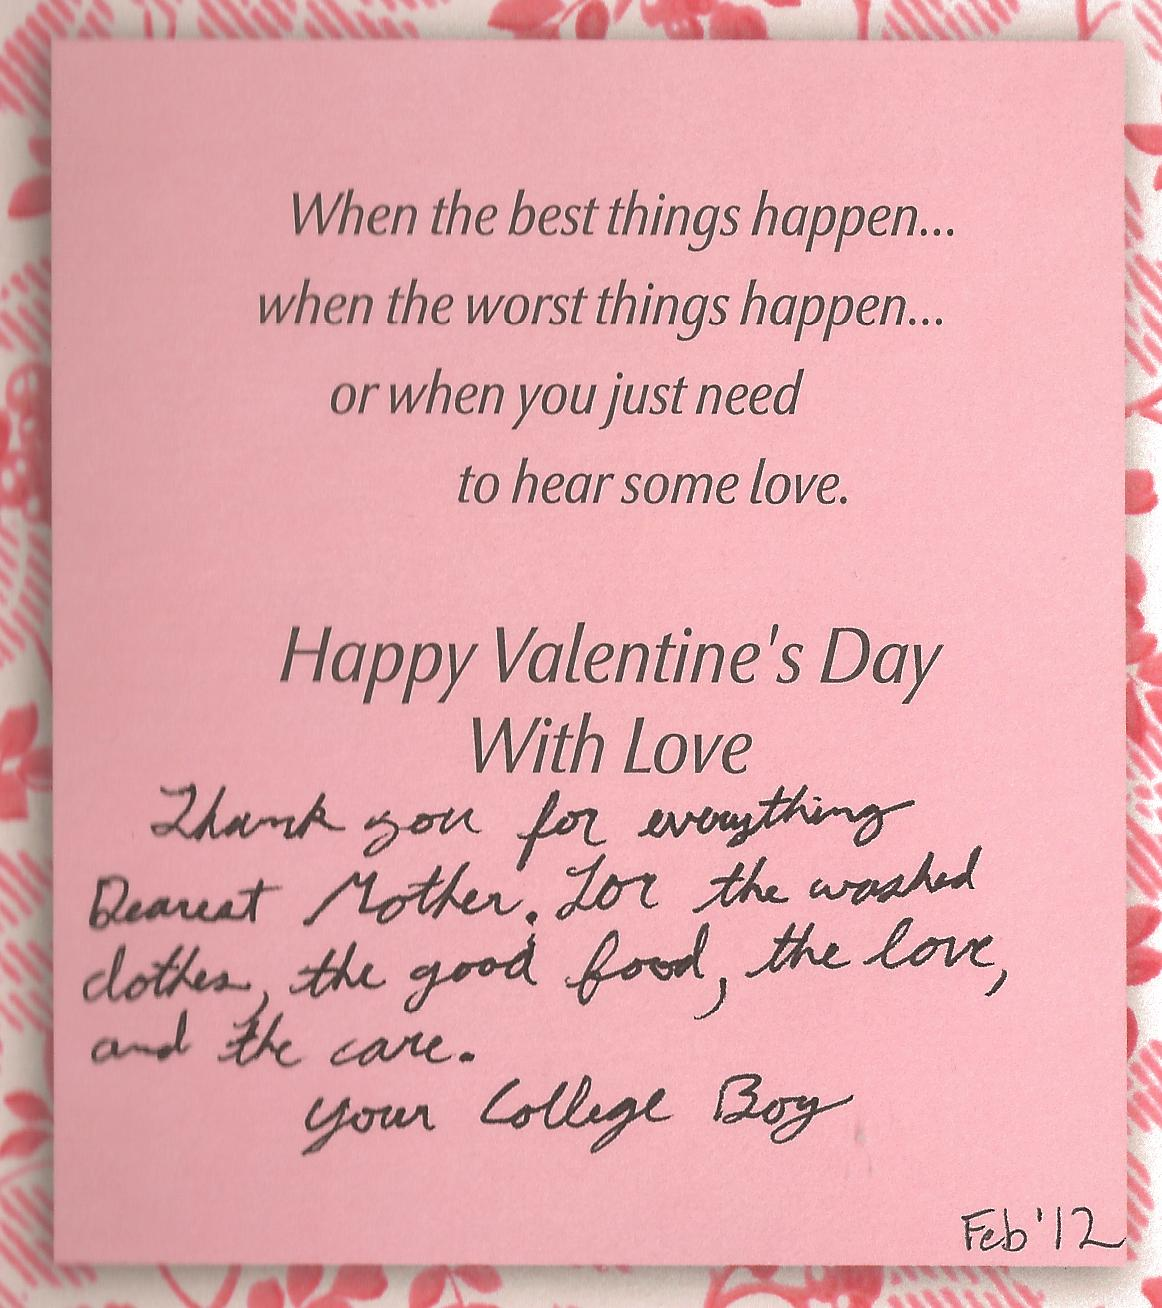 College Boy's Valentine